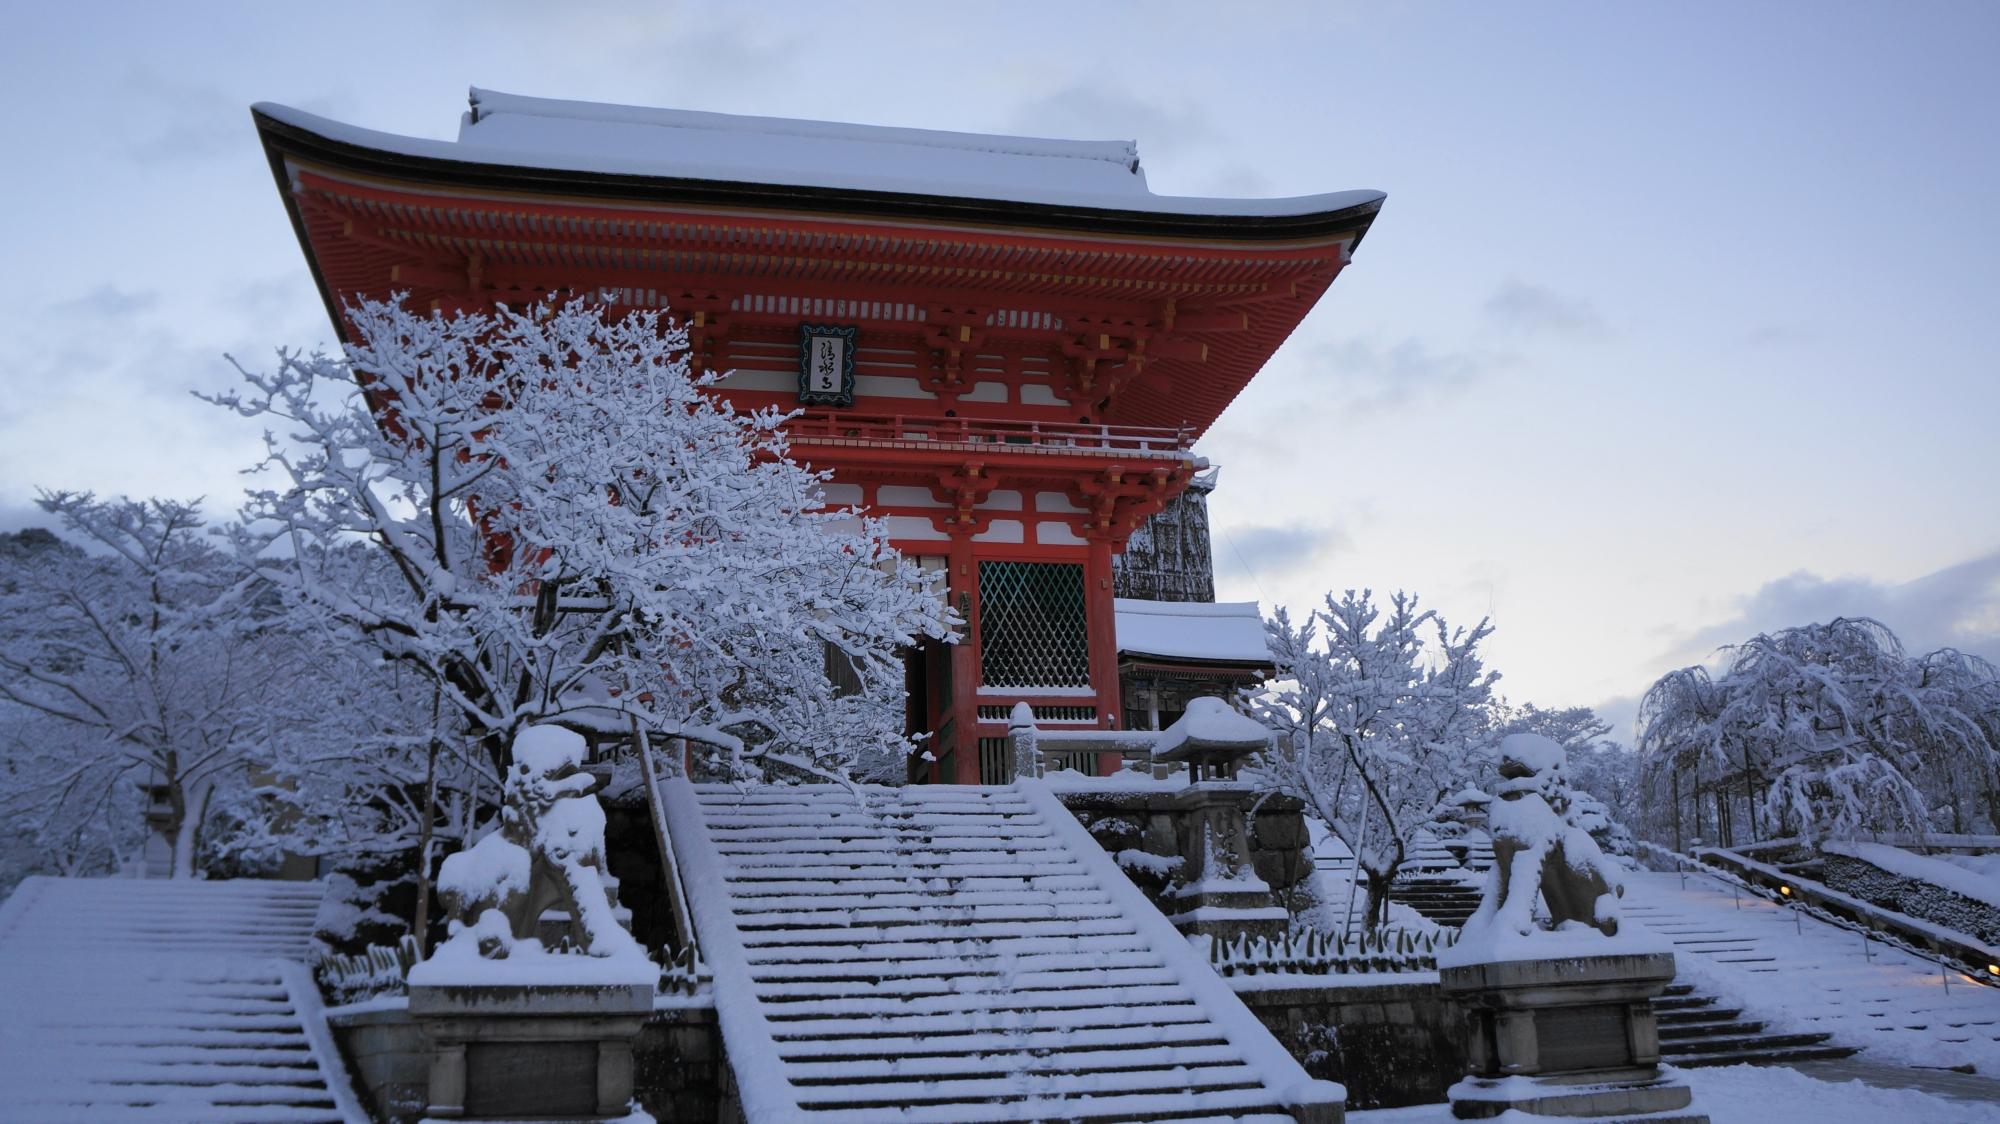 誰もいない清水寺の雪の仁王門